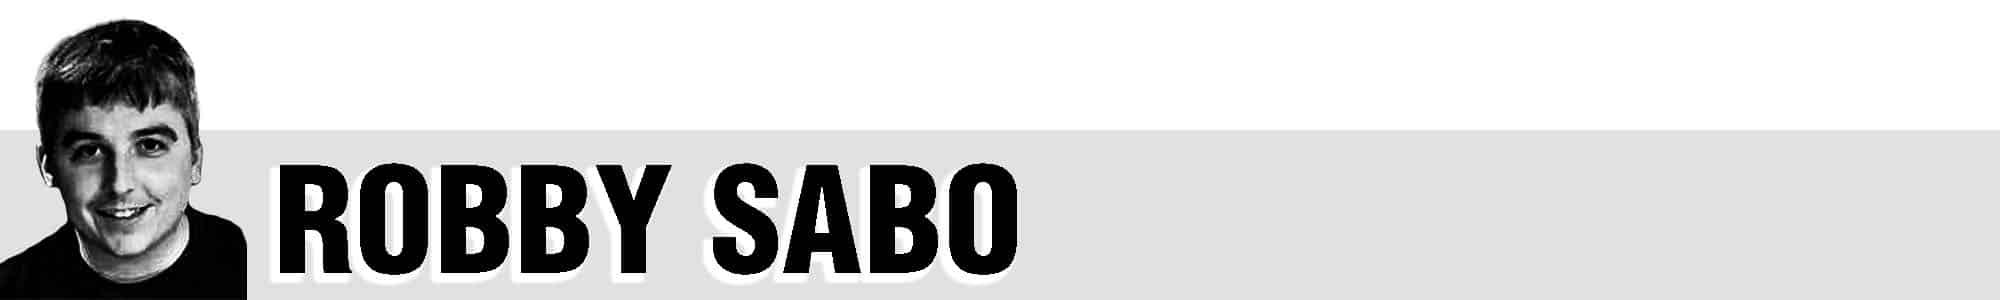 Robby Sabo